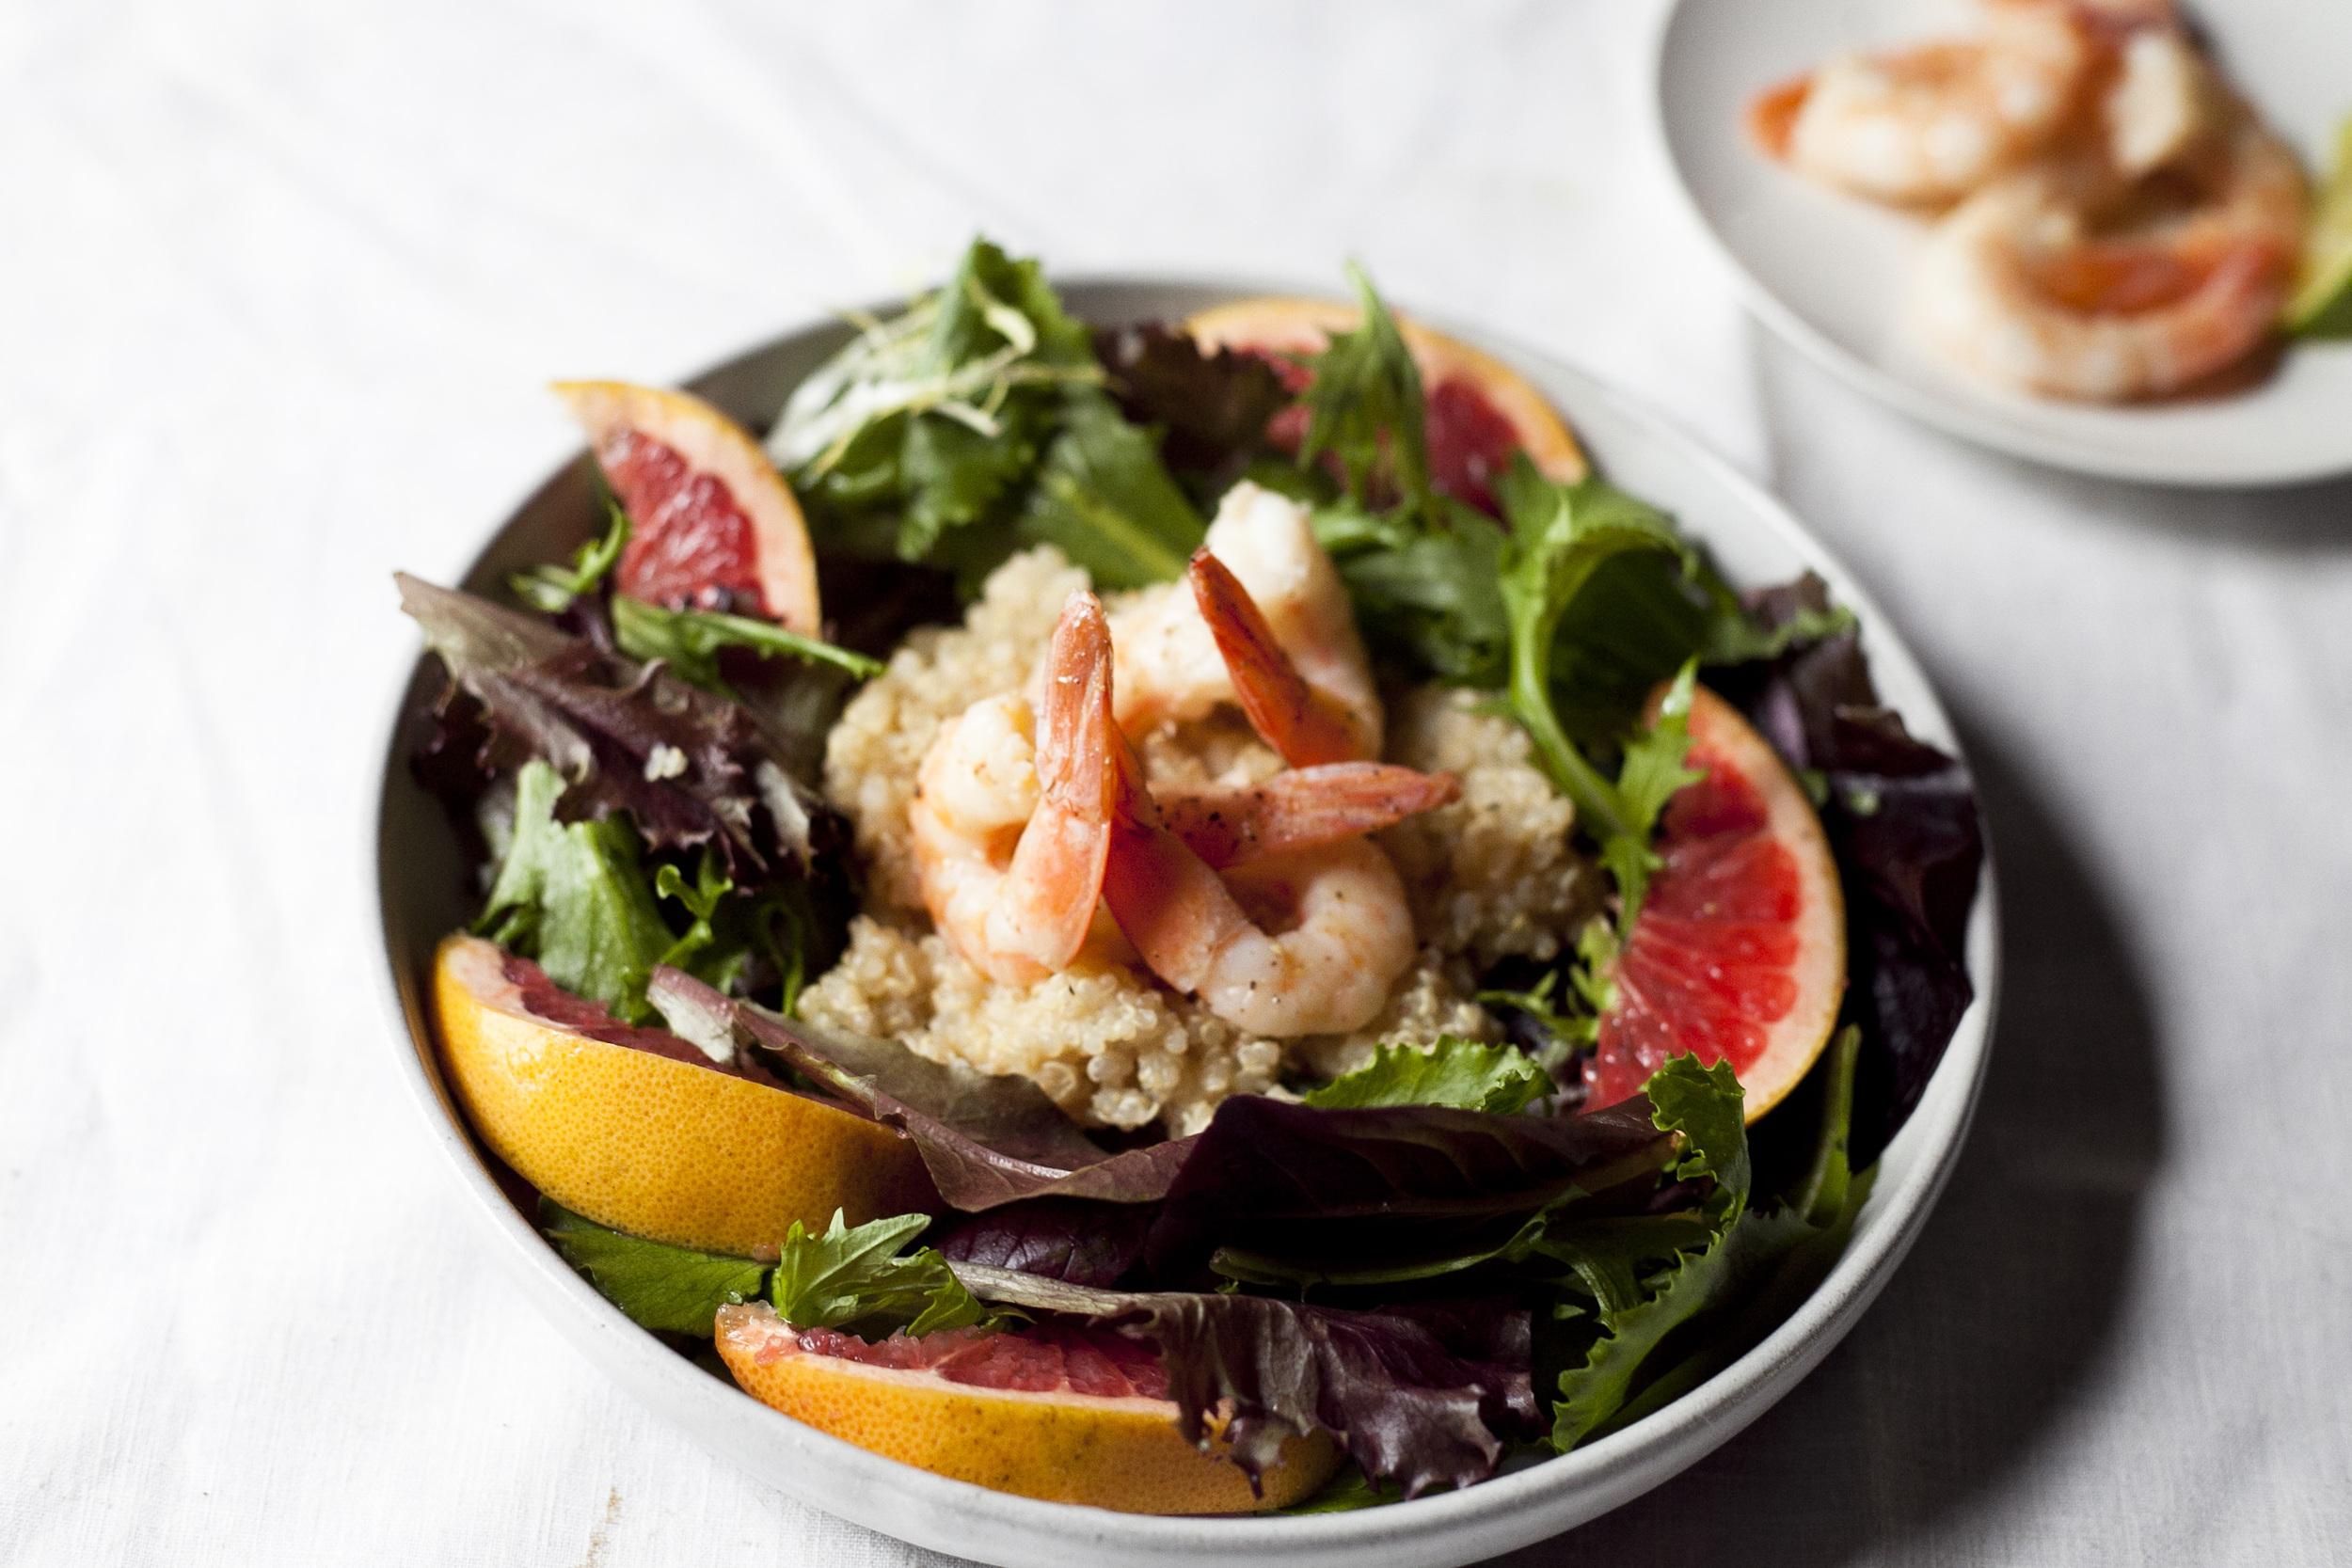 Chili Shrimp Quinoa Salad